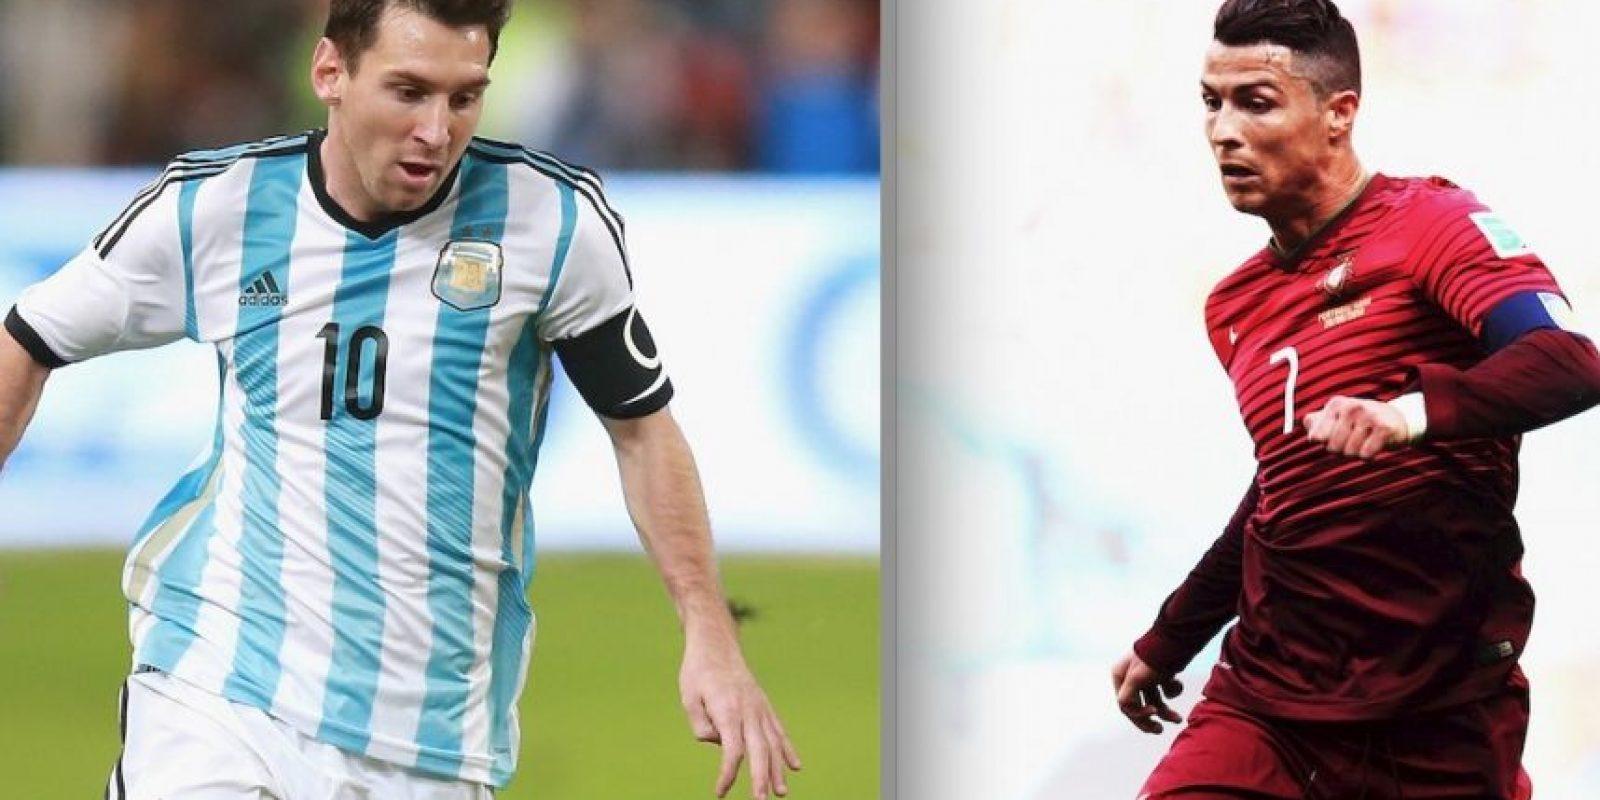 """Leo Messi y Cristiano Ronaldo se enfrentan en el """"Teatro de los sueños"""". Foto:Getty Images"""